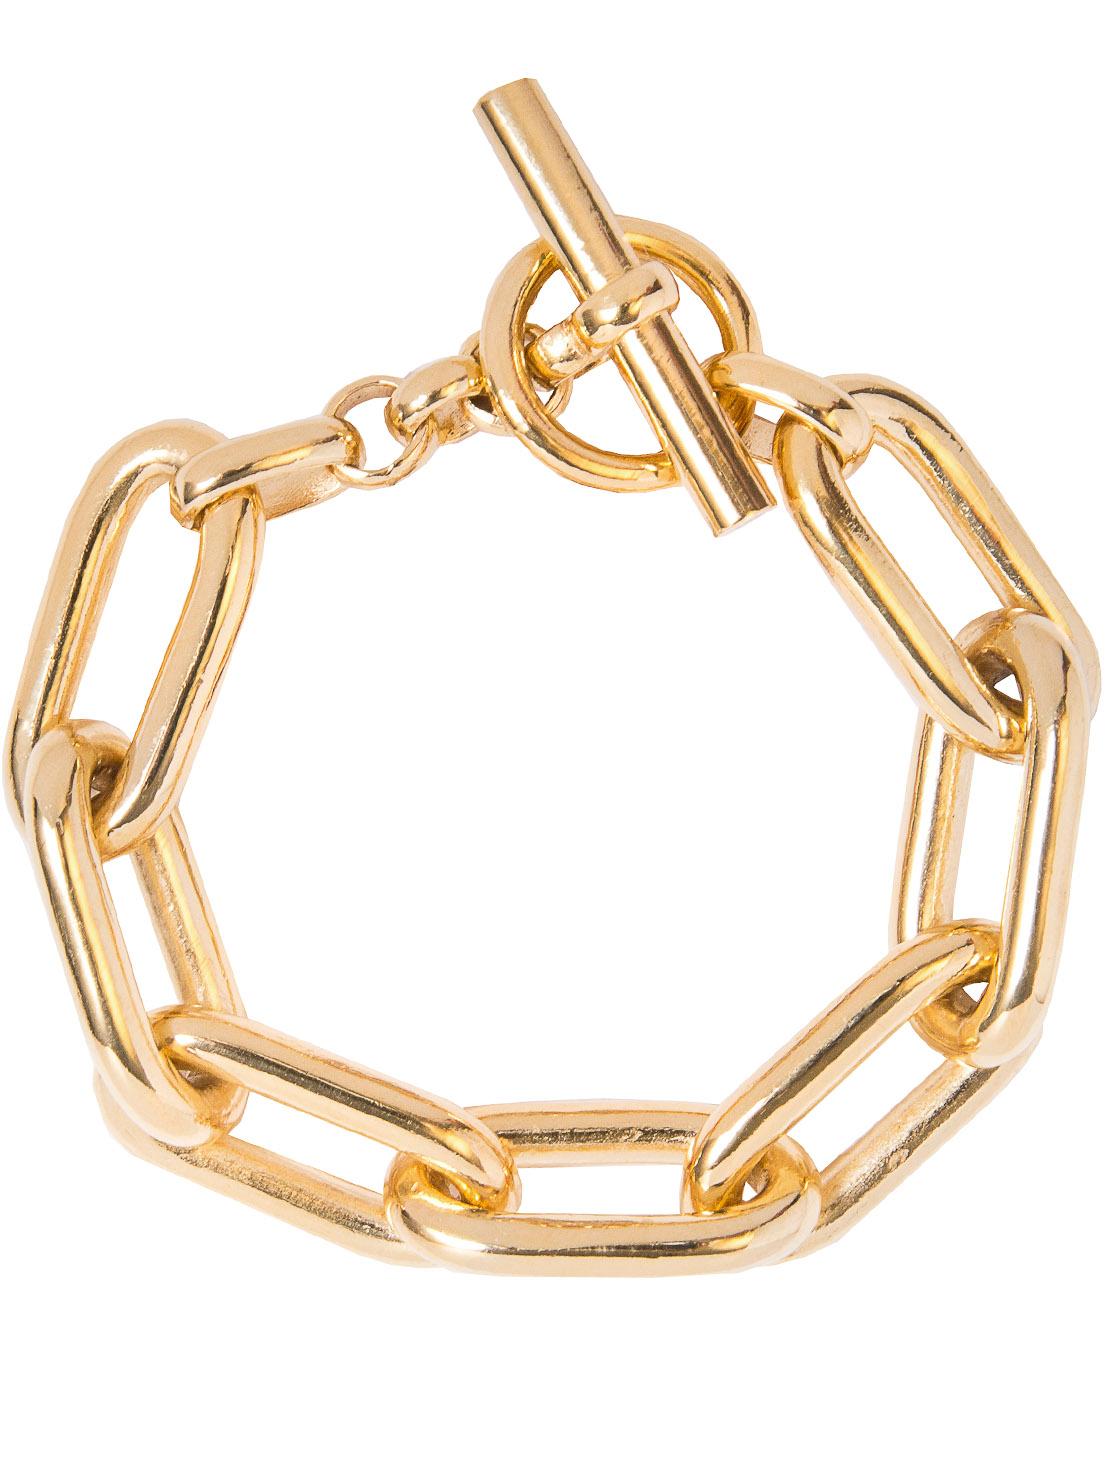 Large Gold Oval Linked Bracelet